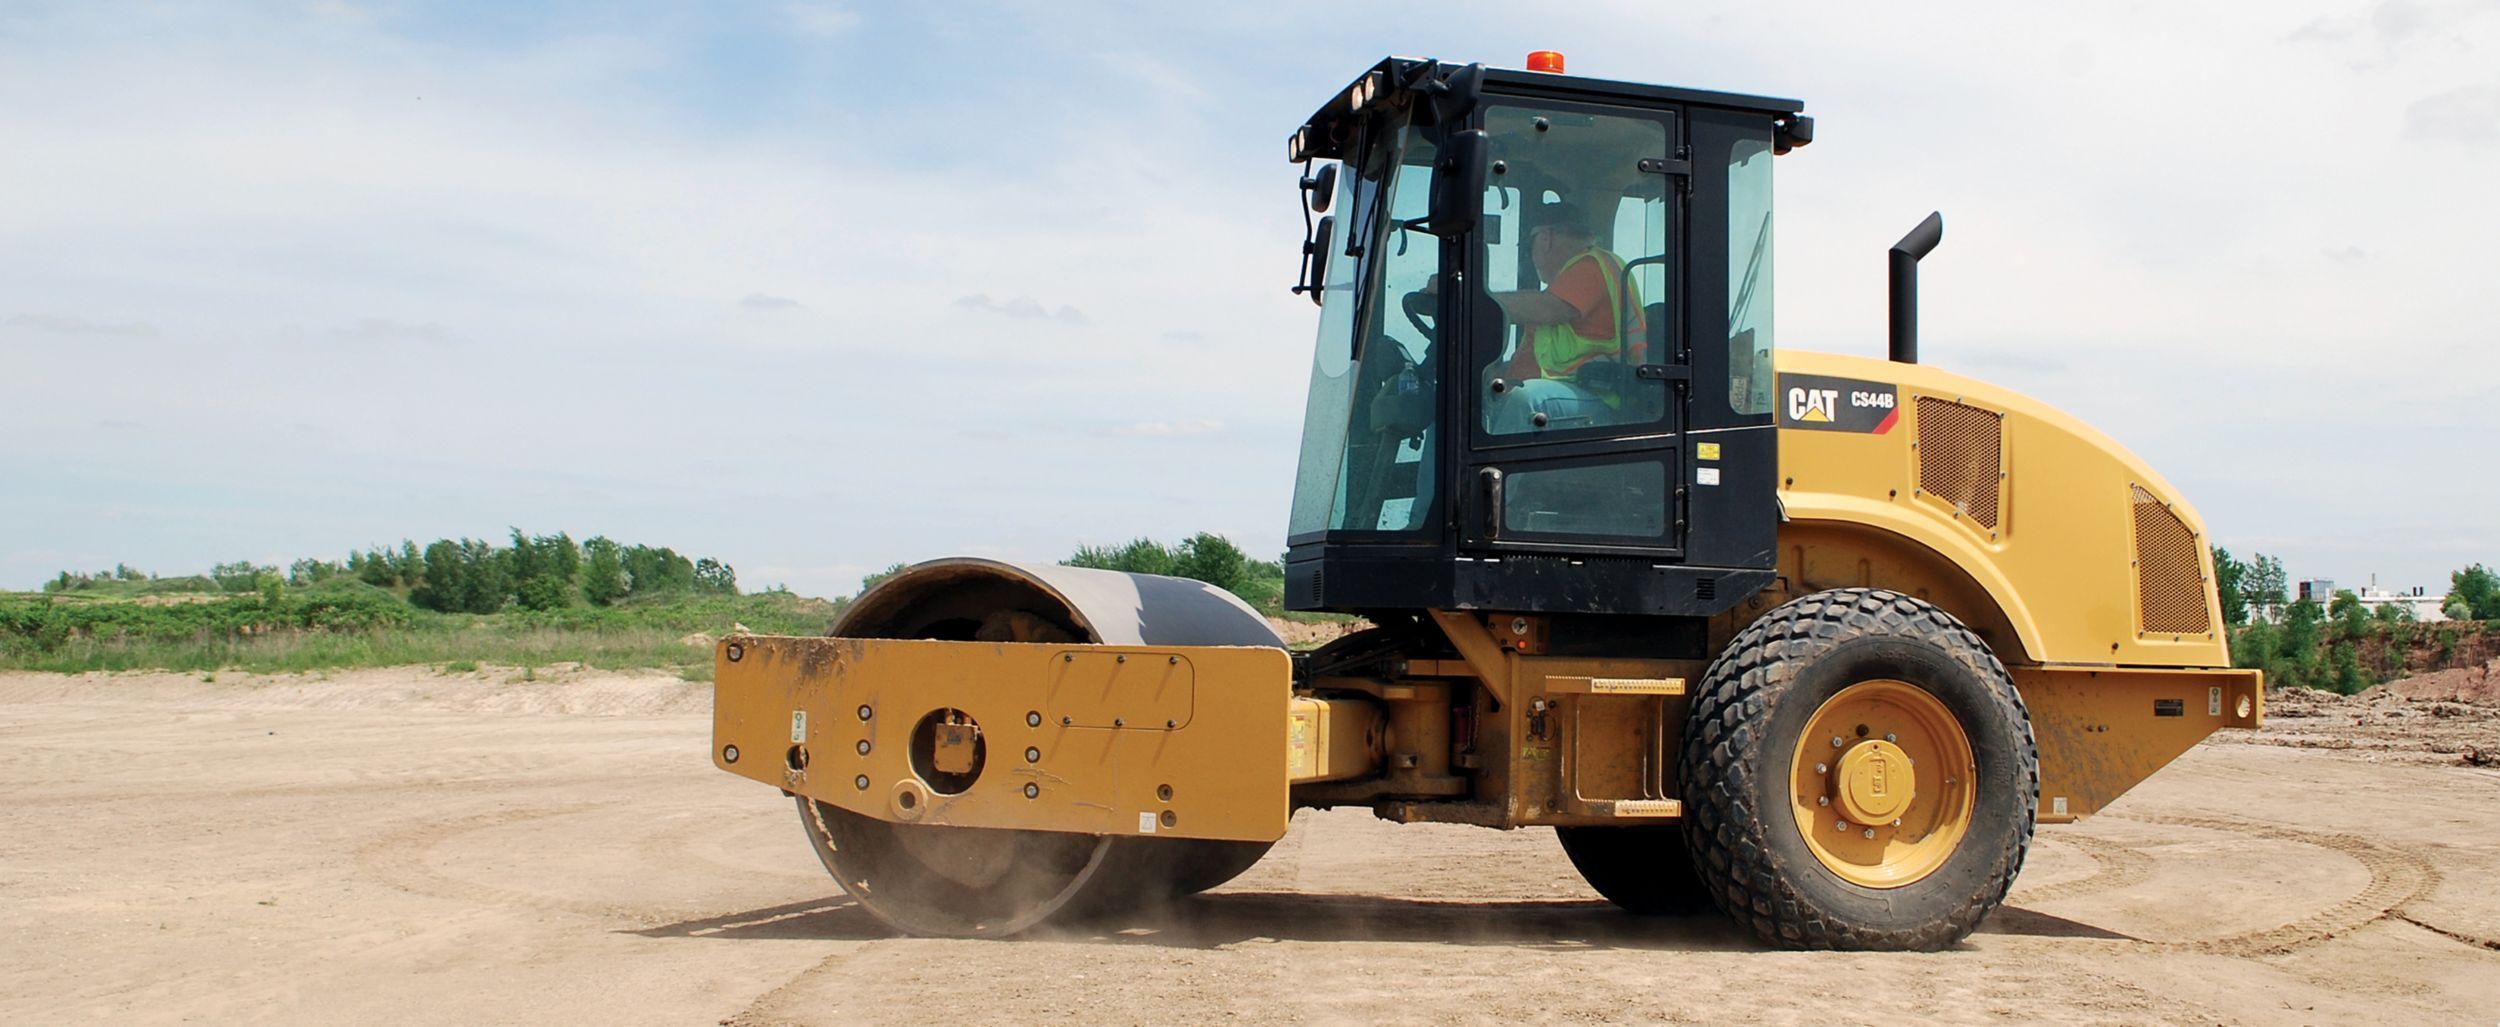 Cat Vibratory Soil Compactors